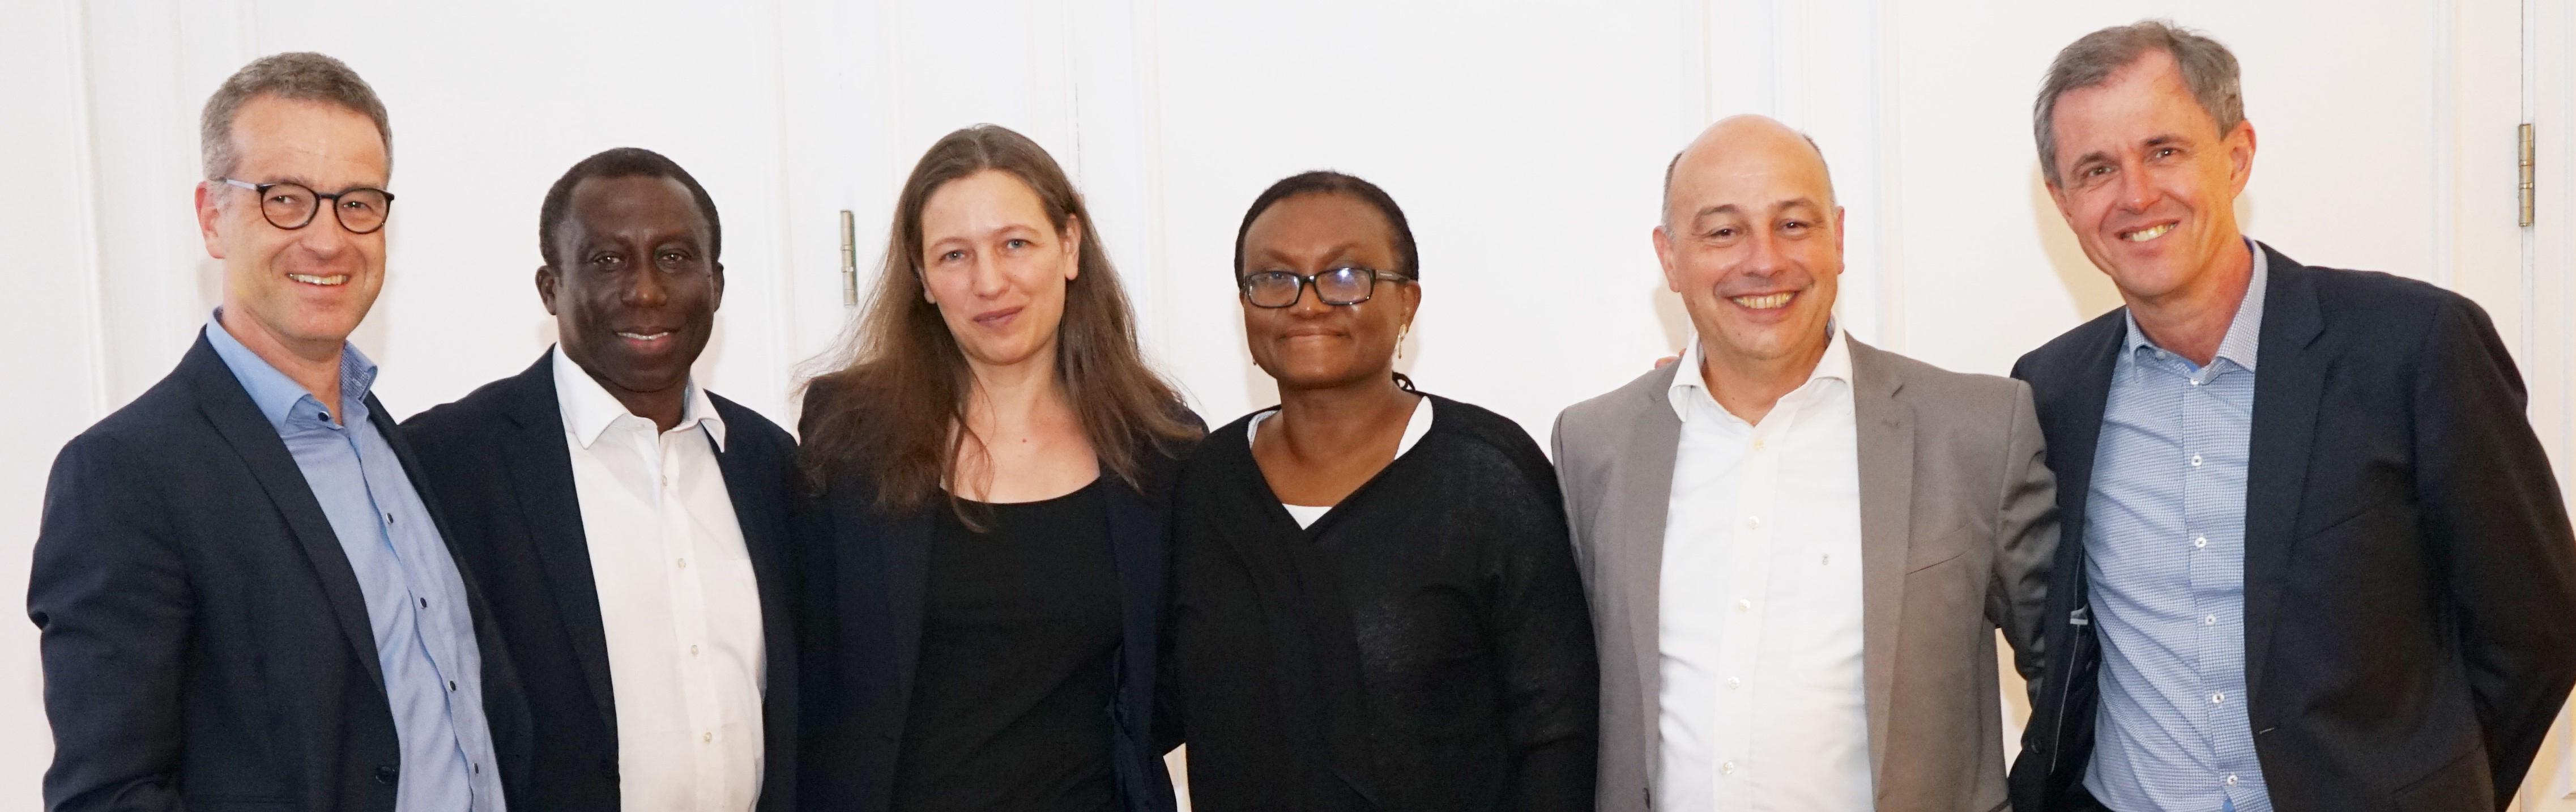 Bonn Präsentation Gruppenbild_Zuschnitt NEU